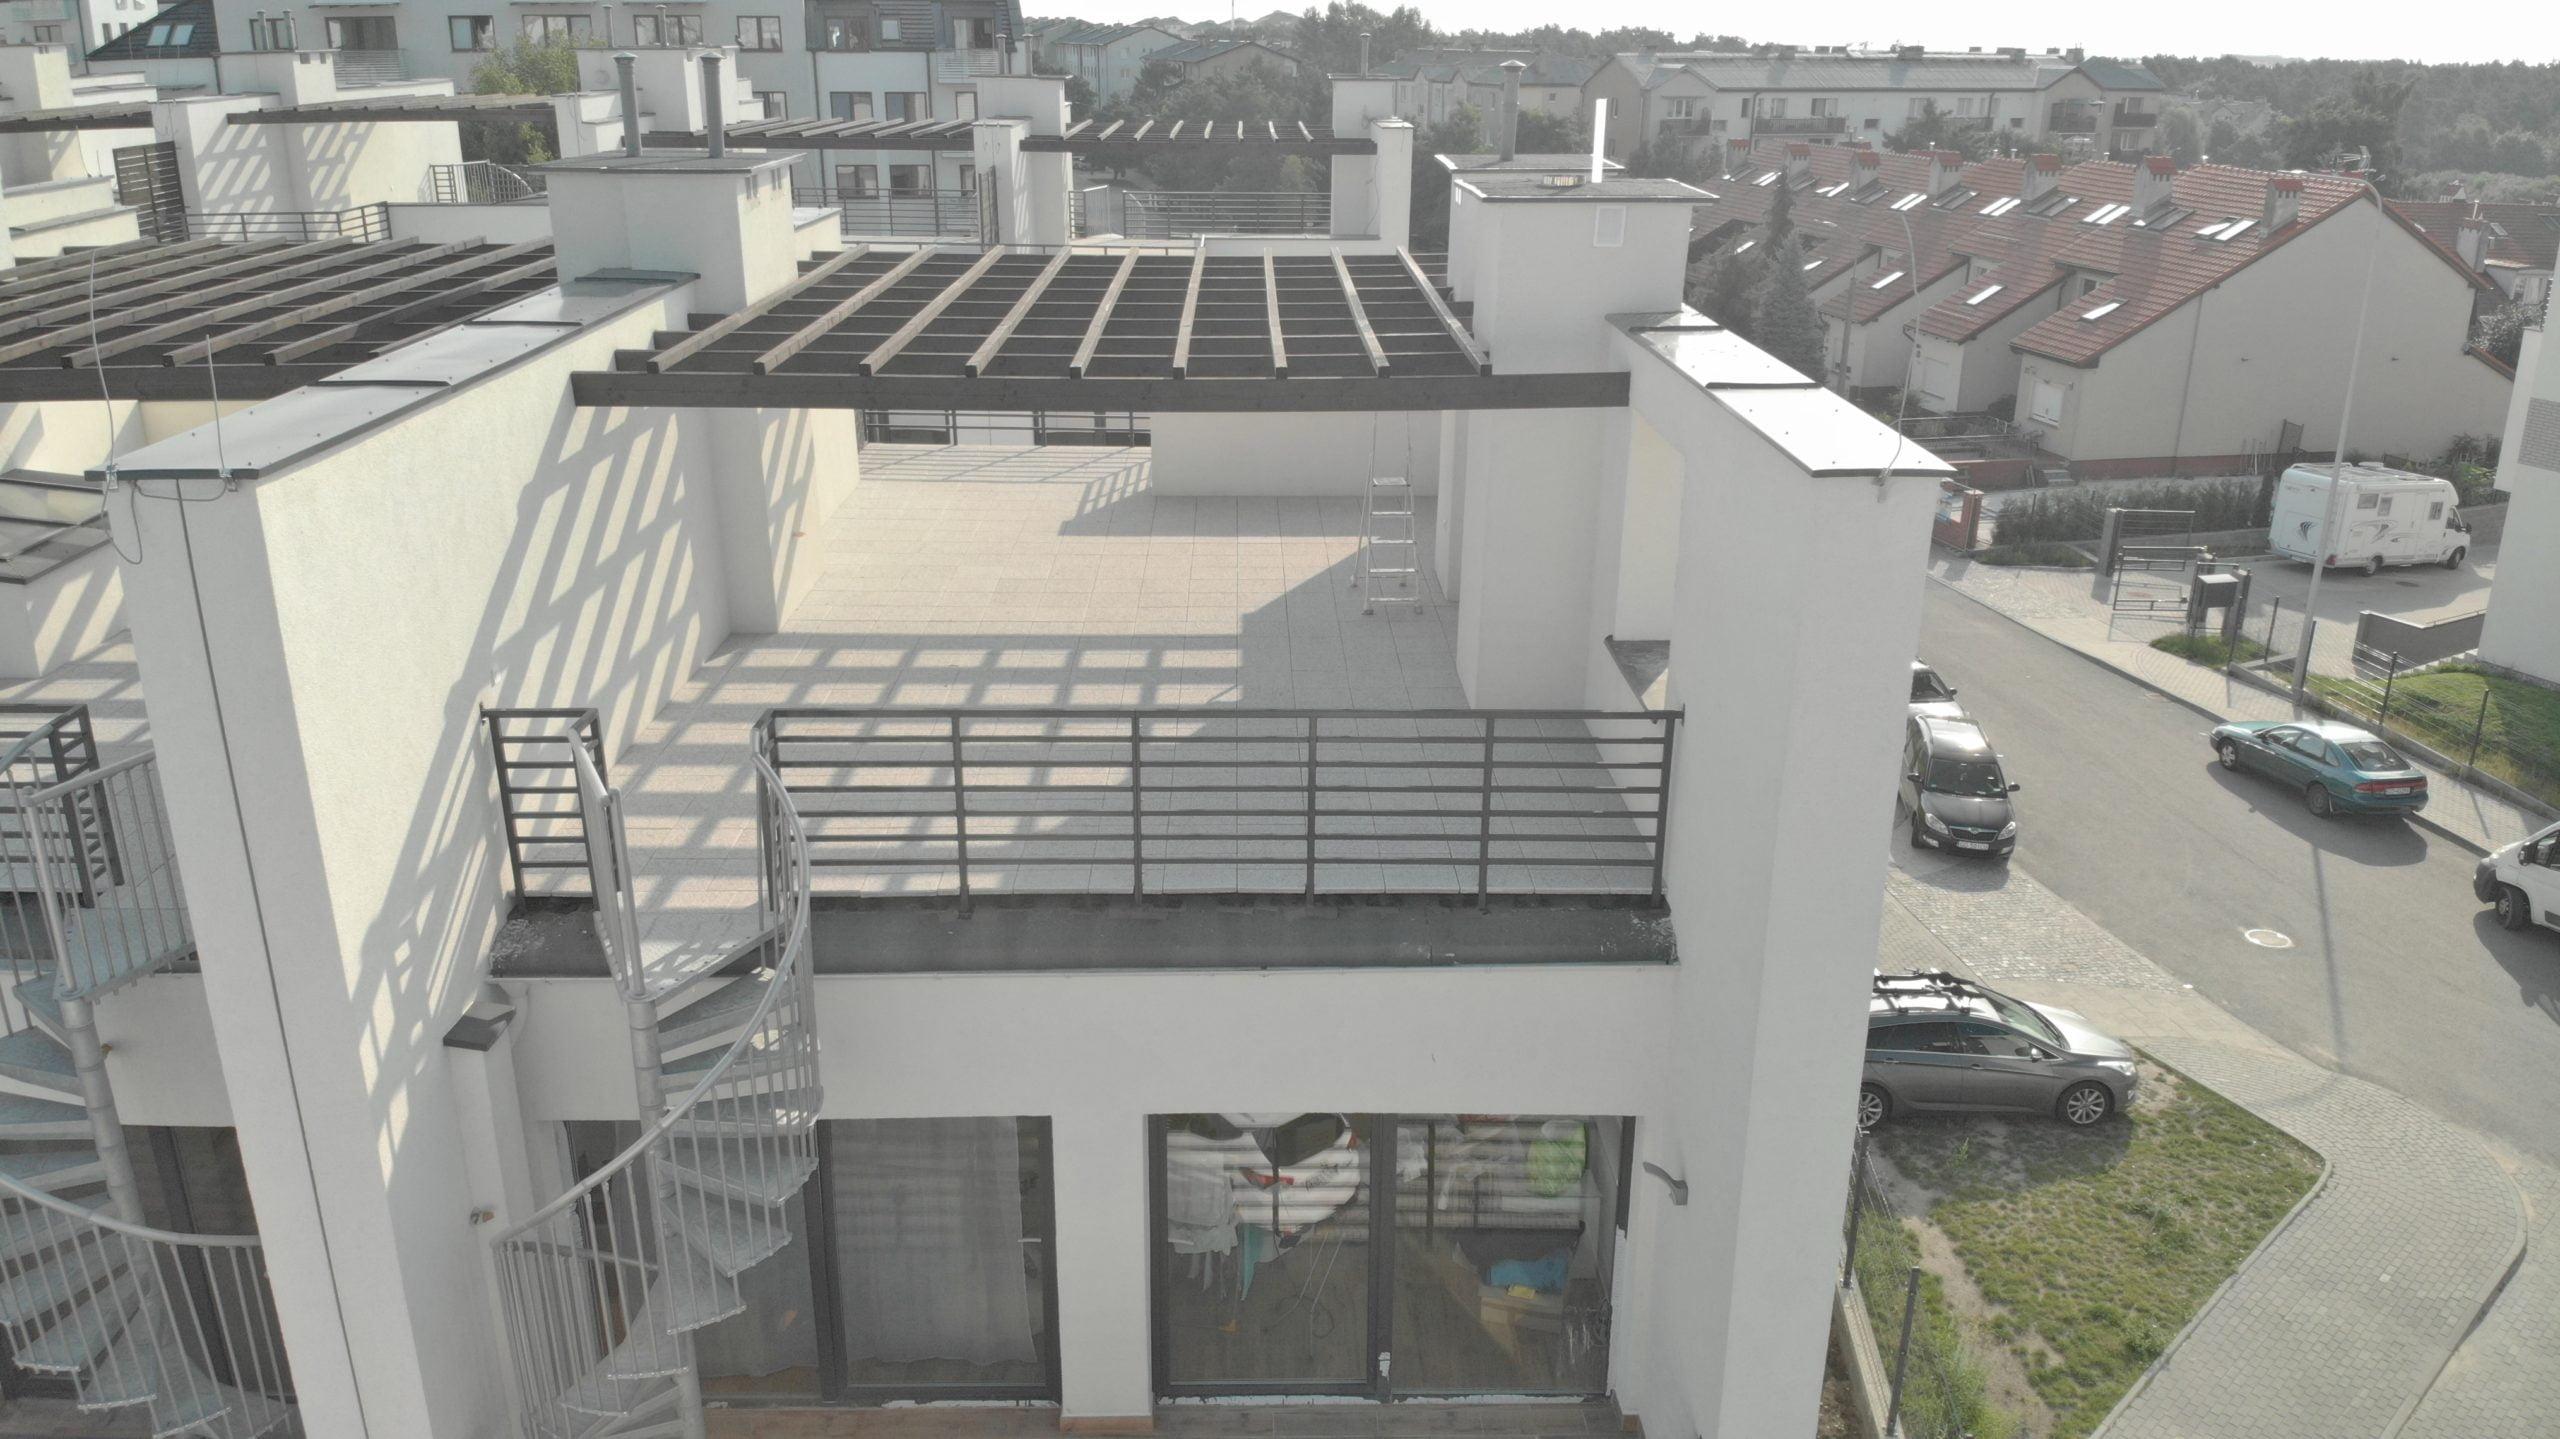 Terrasse mit Keramikplatten auf dem Dach des Gebäudes